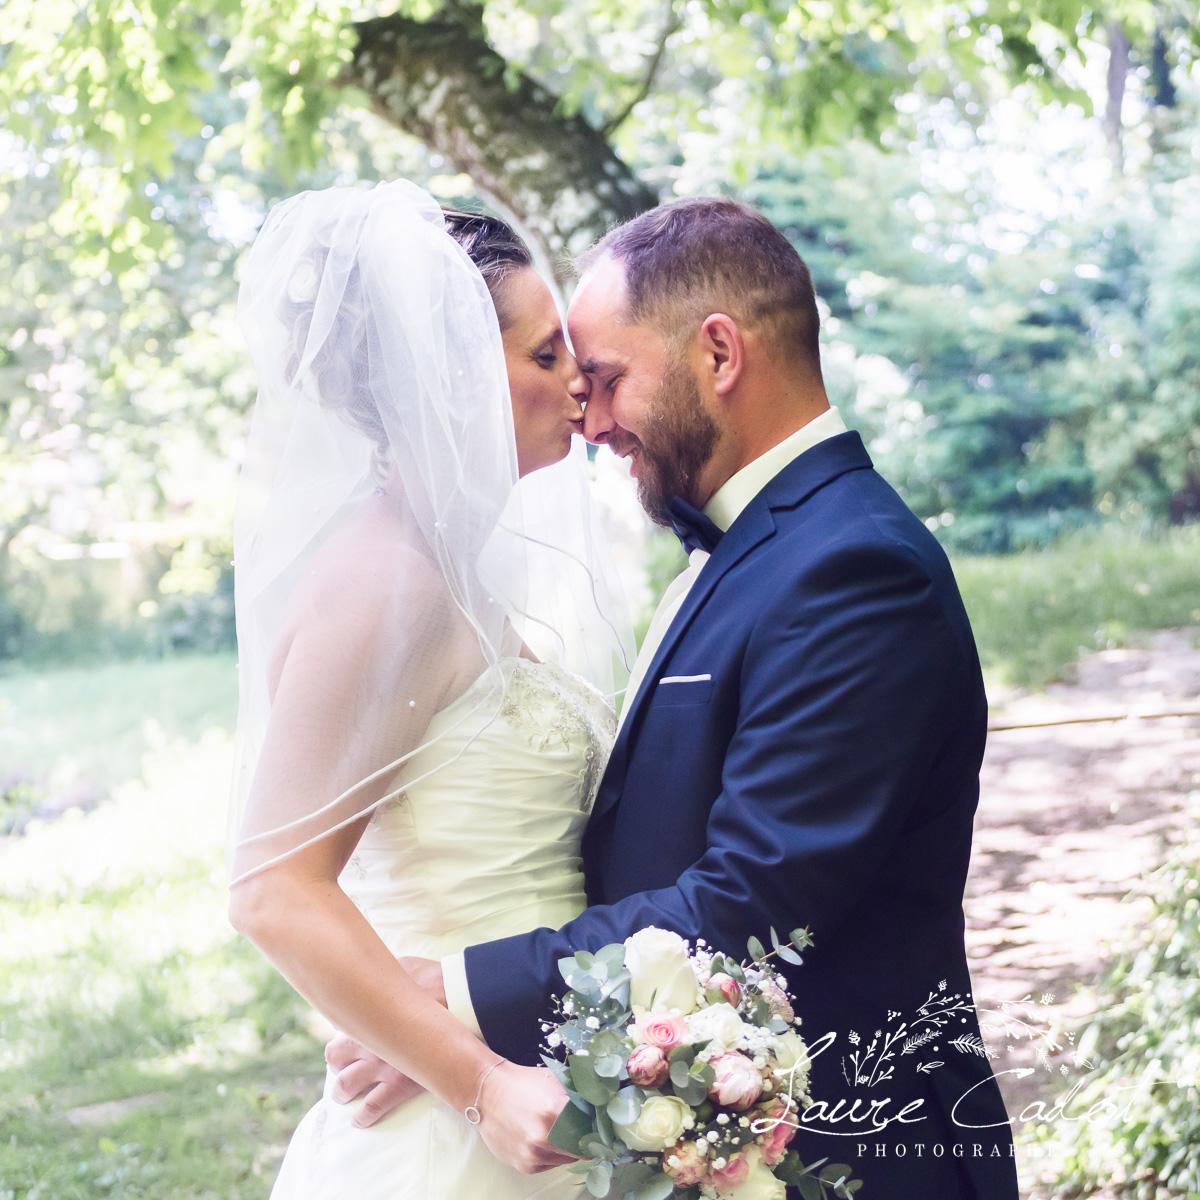 séance photo avec les mariés